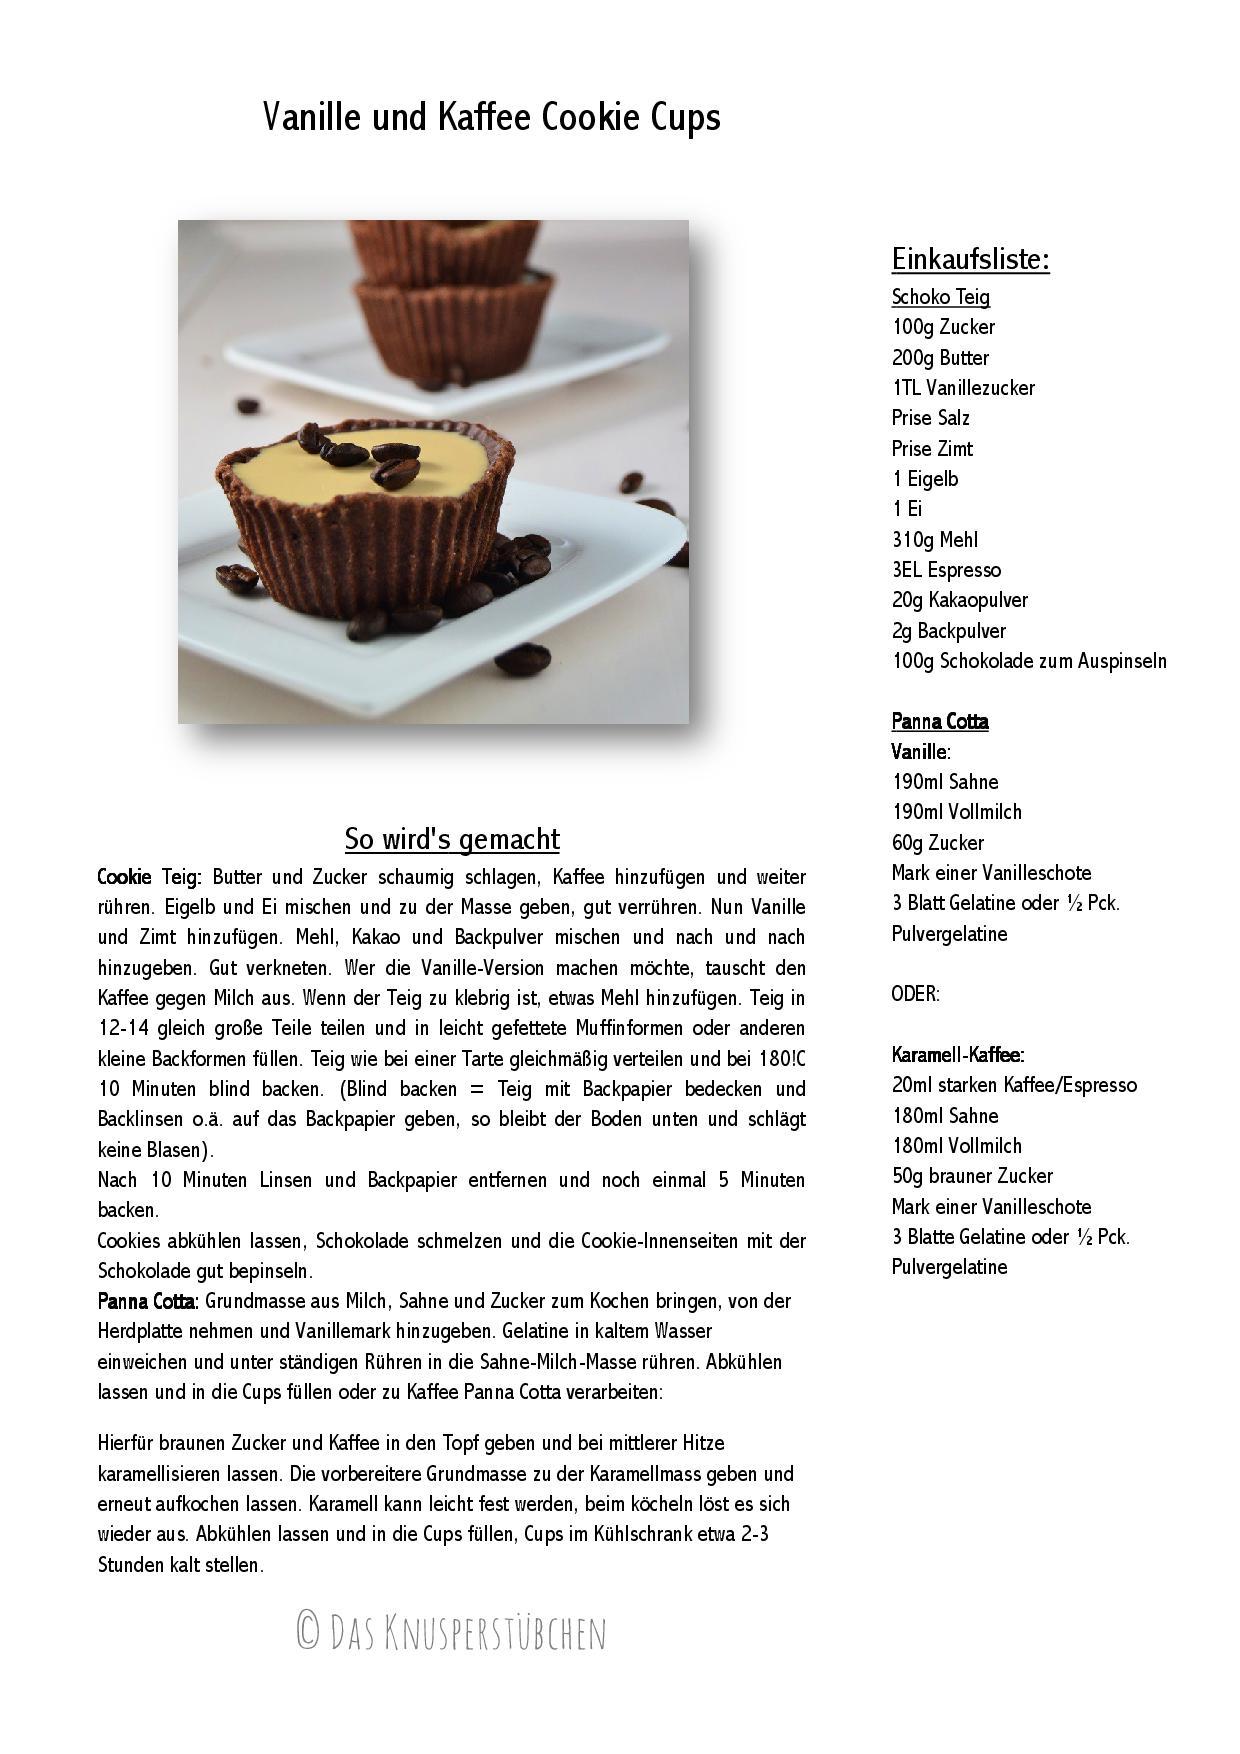 Vanille und Kaffee Cookie Cups-001